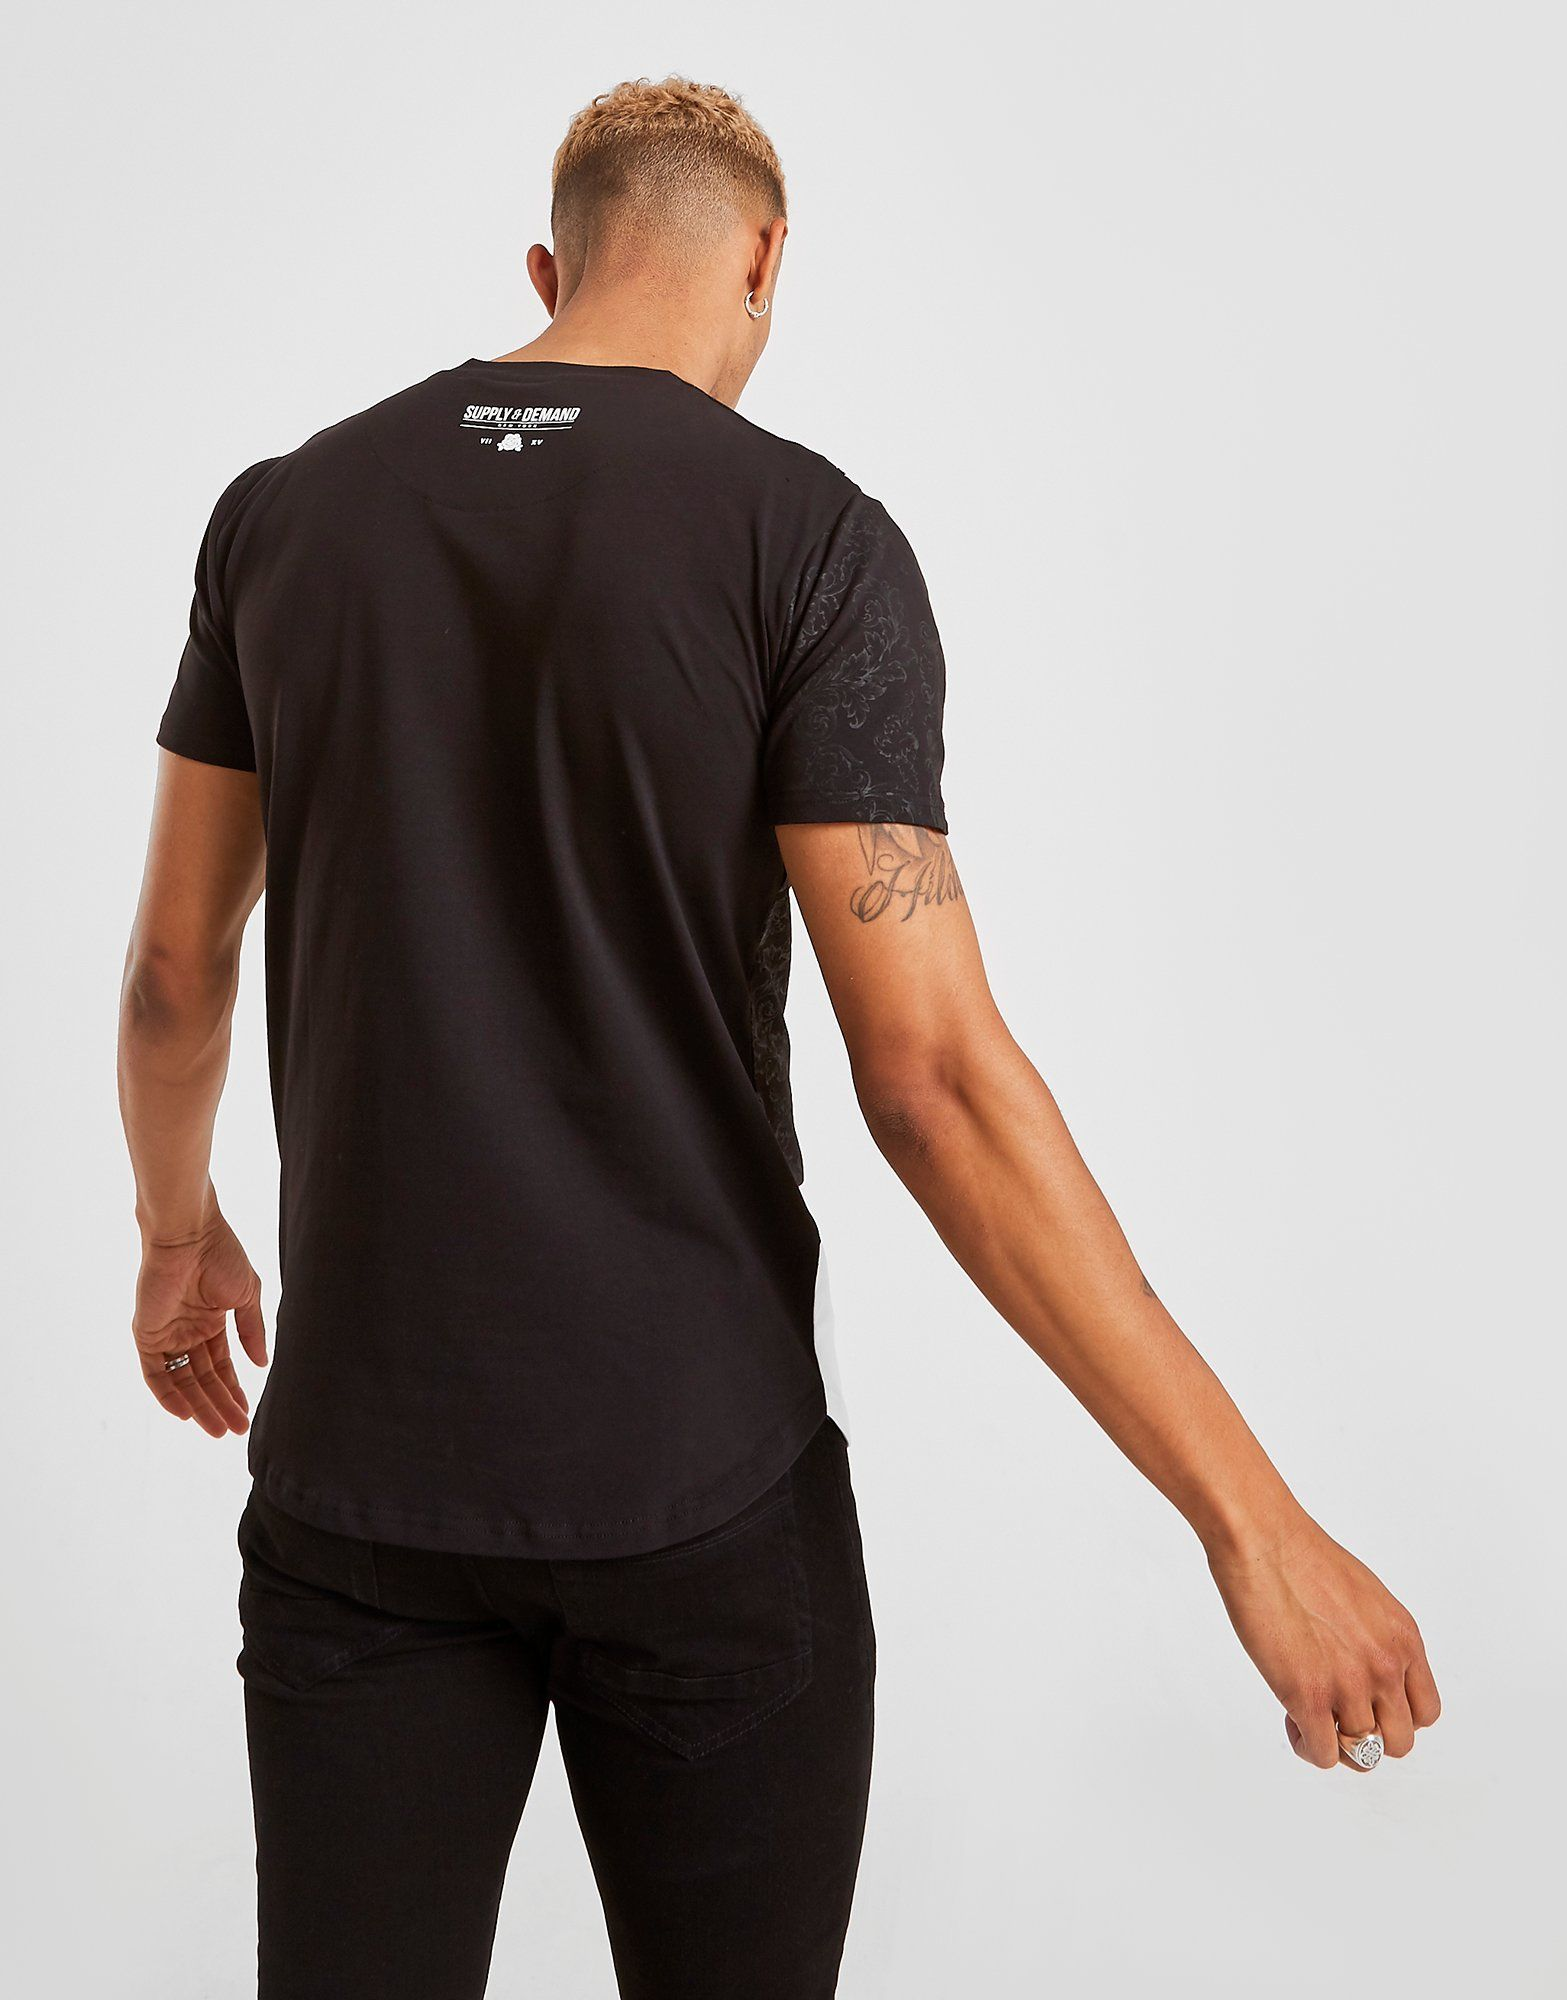 Supply & Demand Tonal Slice T-Shirt